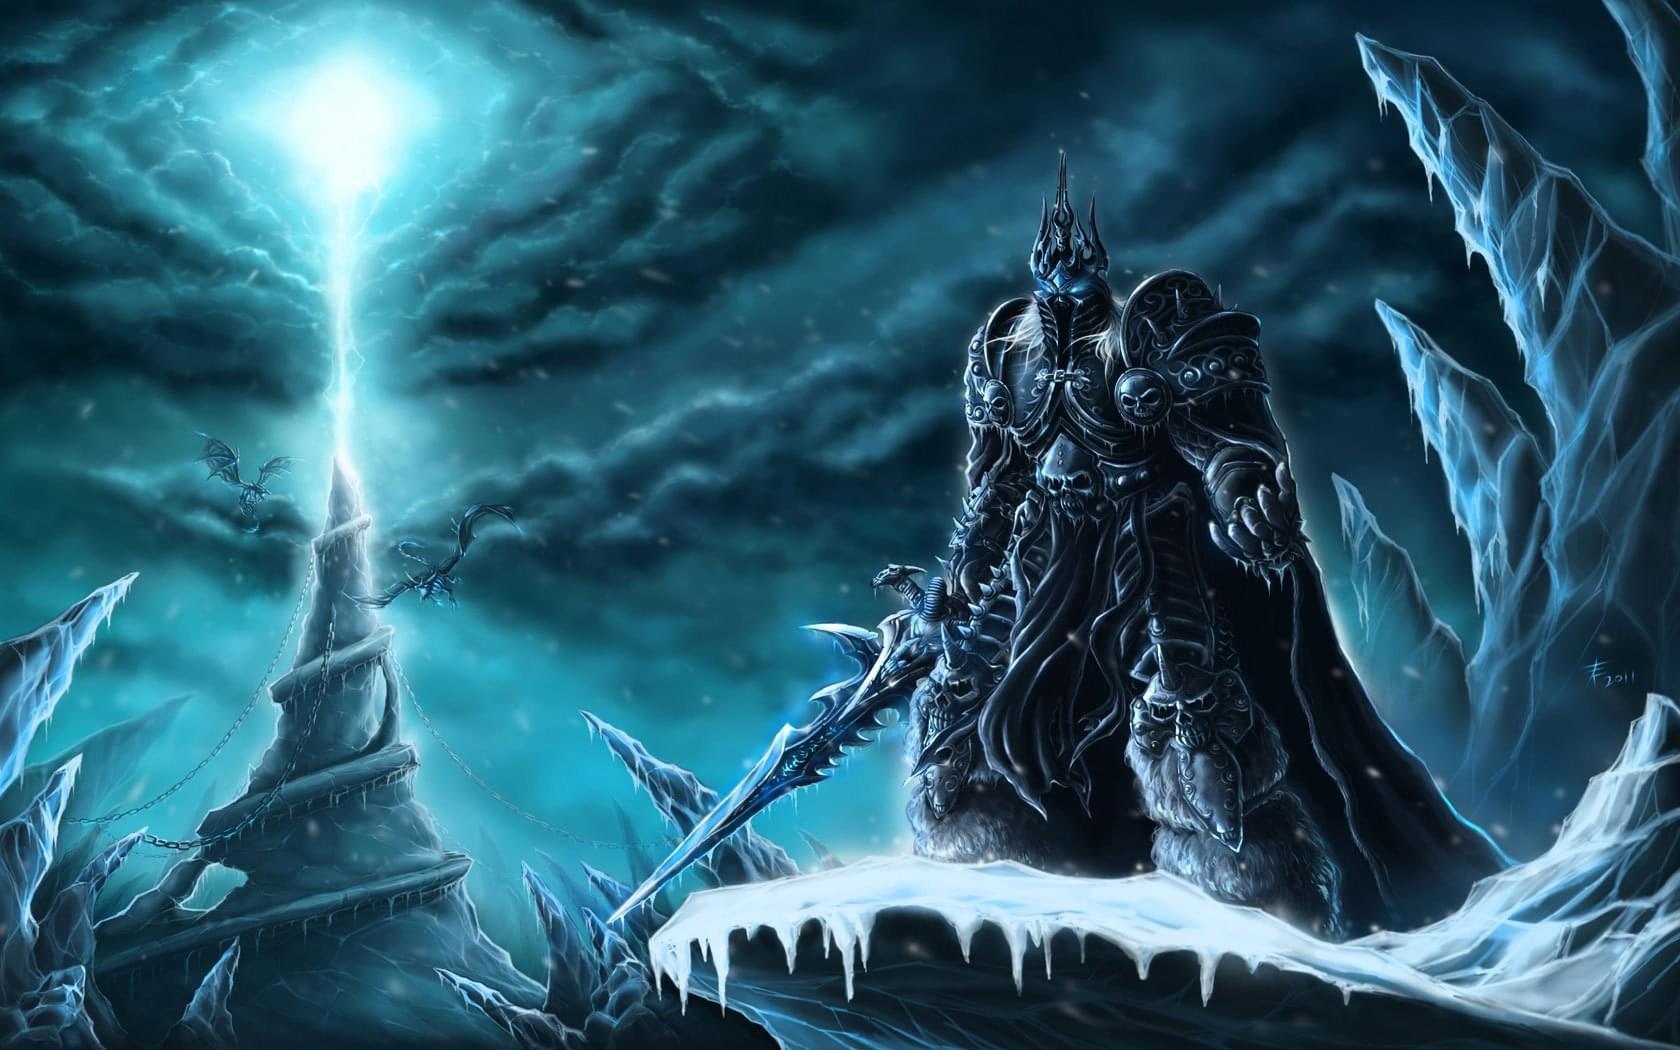 巫妖王再怒?暴雪秘密注册新域名巫妖王归来